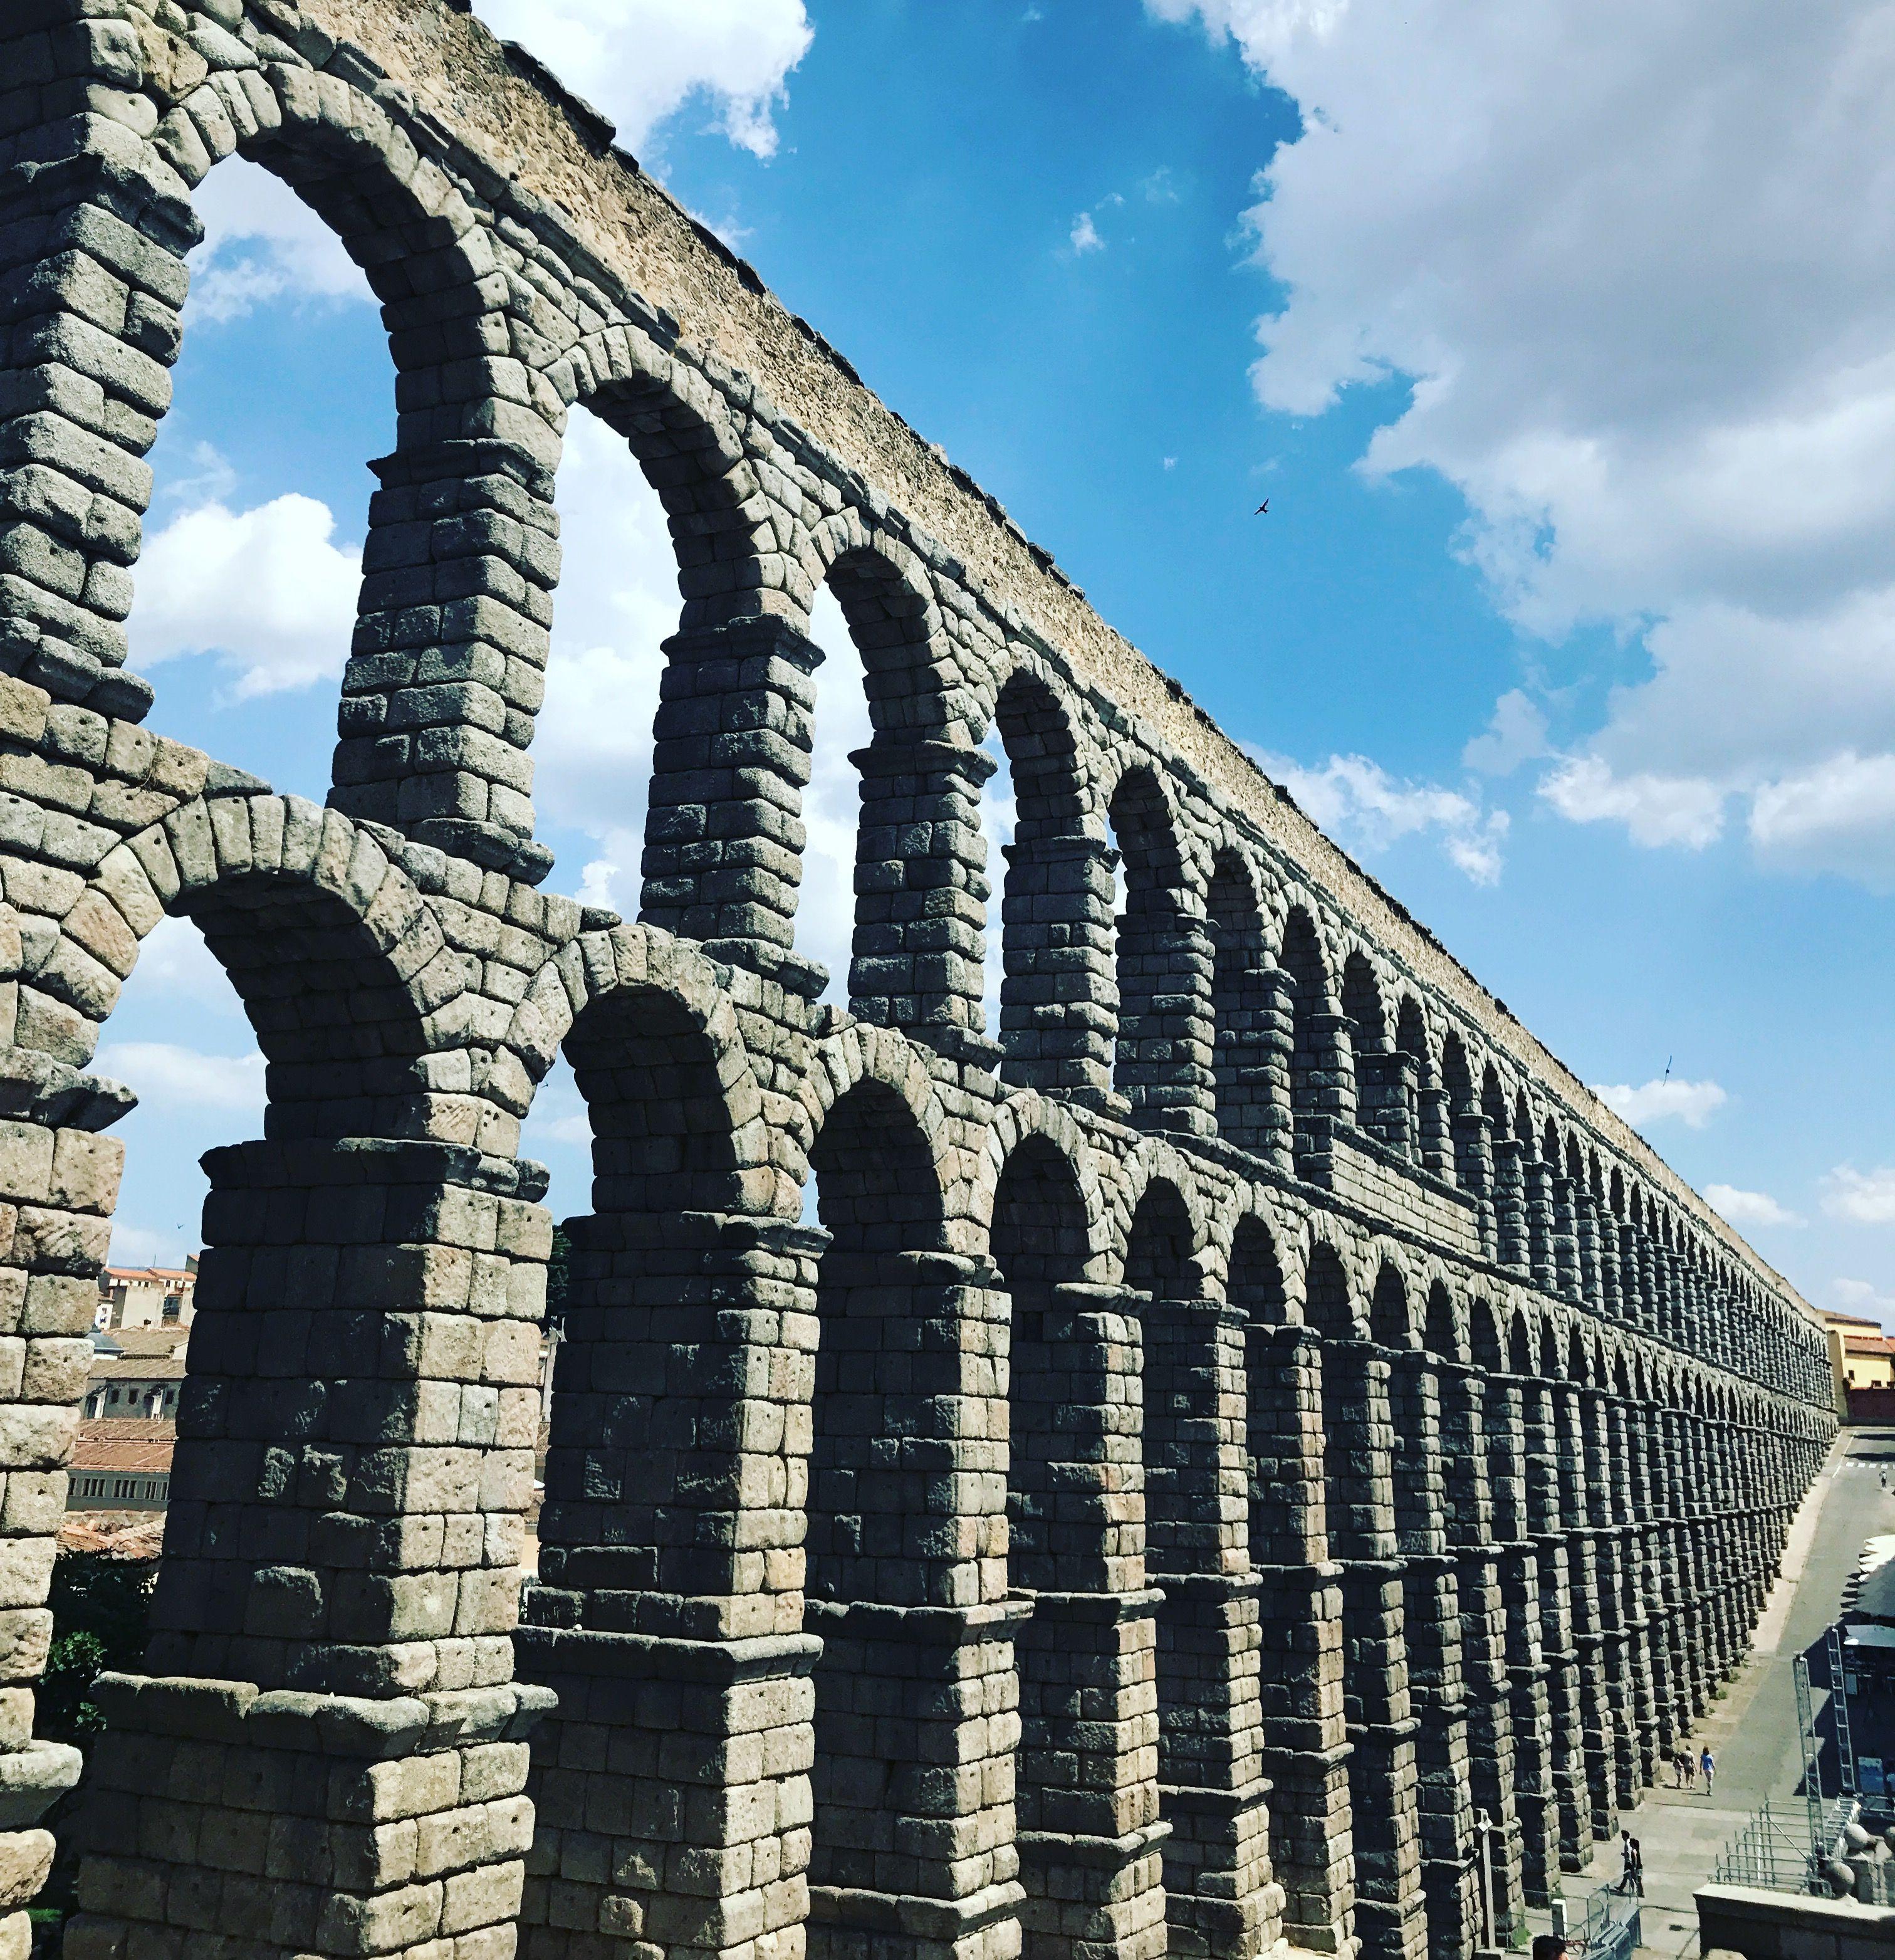 Acueducto de segovia espa a arquitectura y ambientes pinterest - Acueducto de segovia arquitectura ...